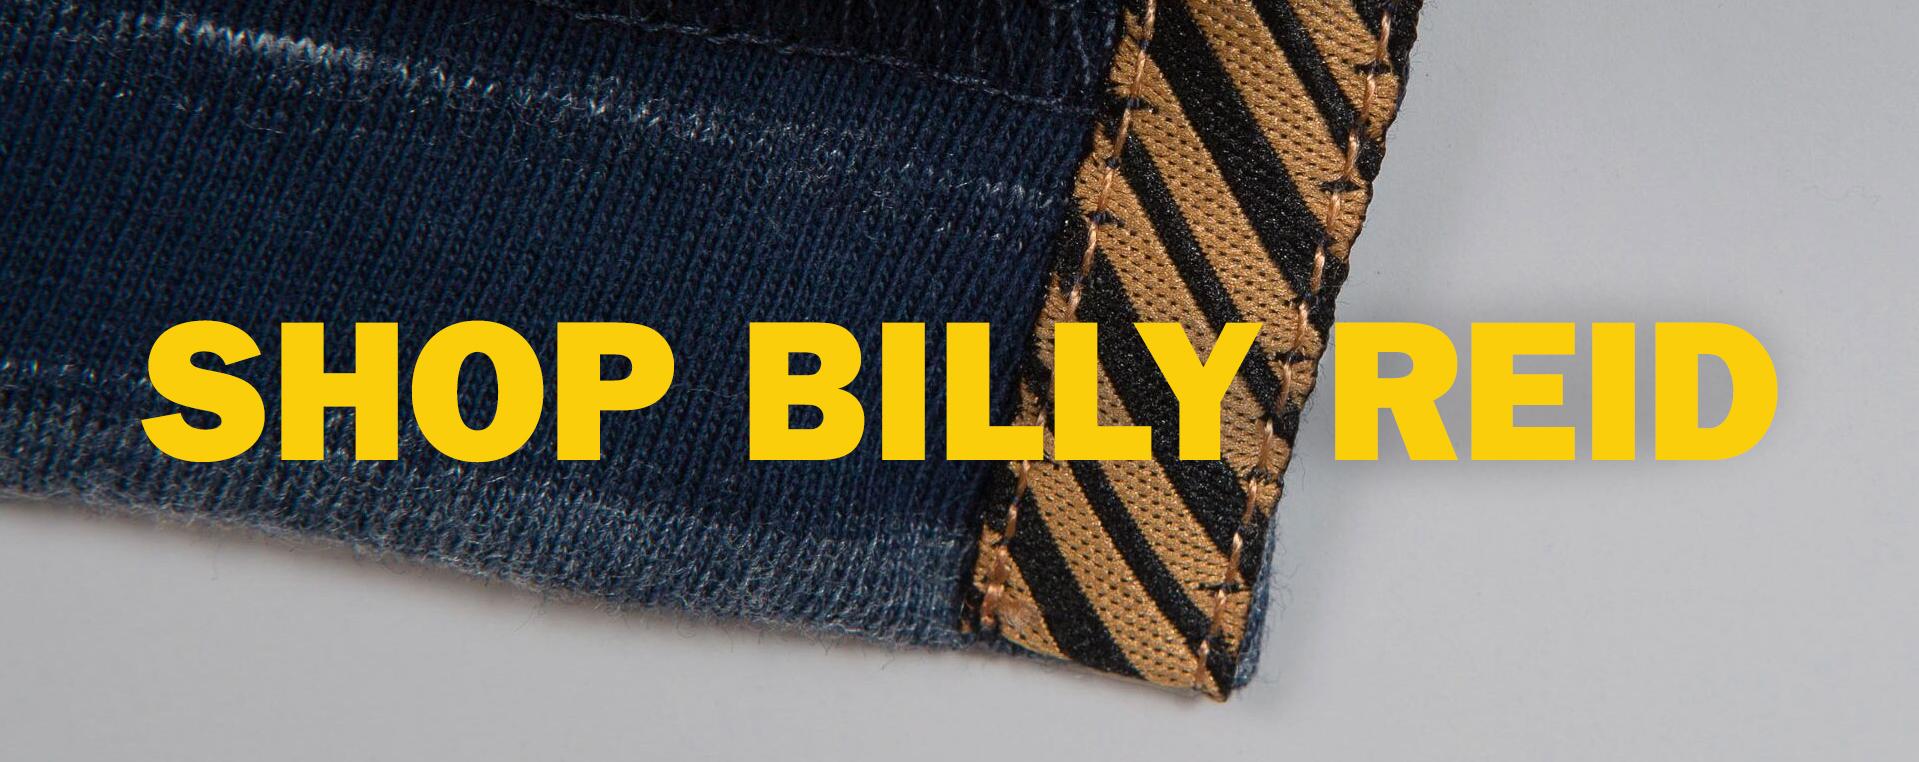 Shop Billy Reid